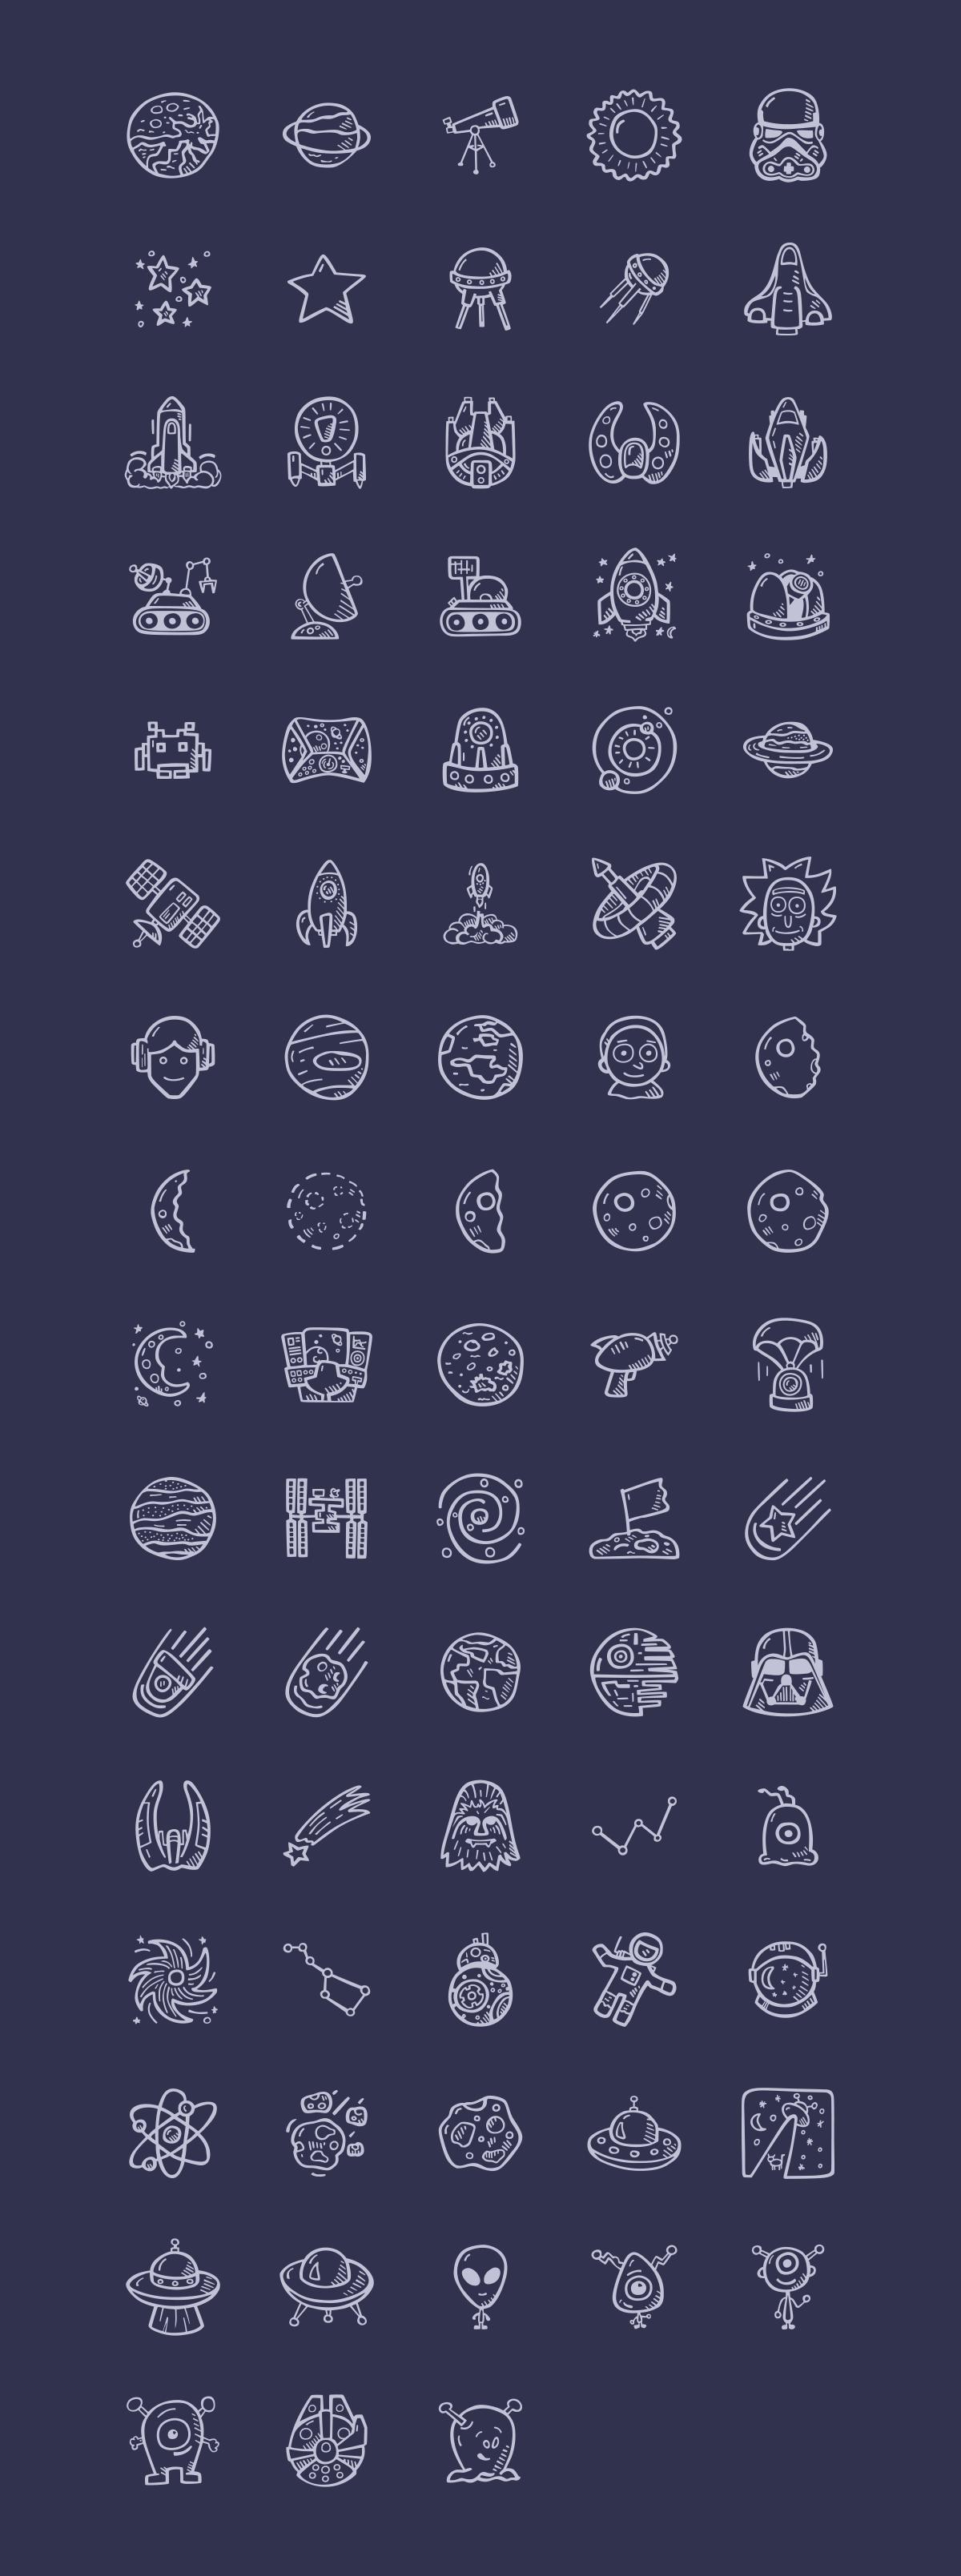 78枚手绘太空图标,SVG格式